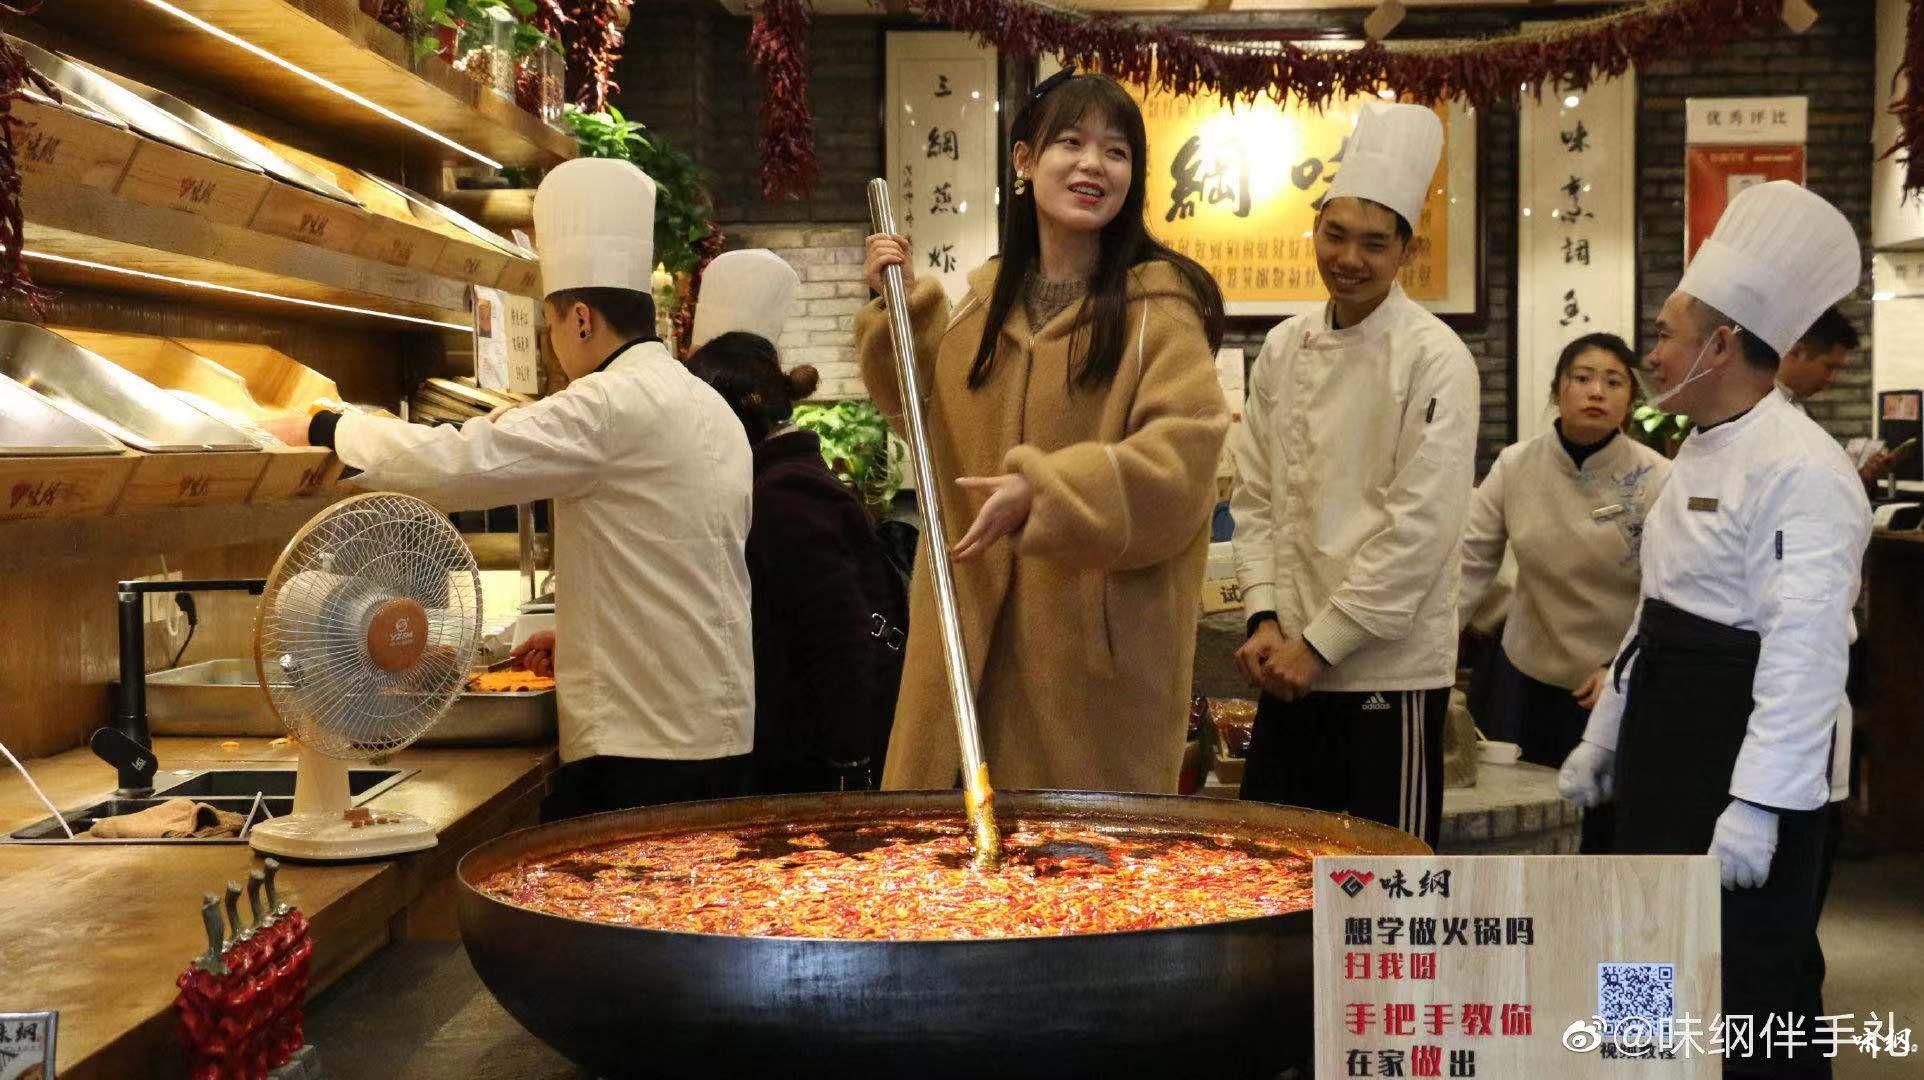 成都什么牌子的火锅底料好吃?哪儿能买?